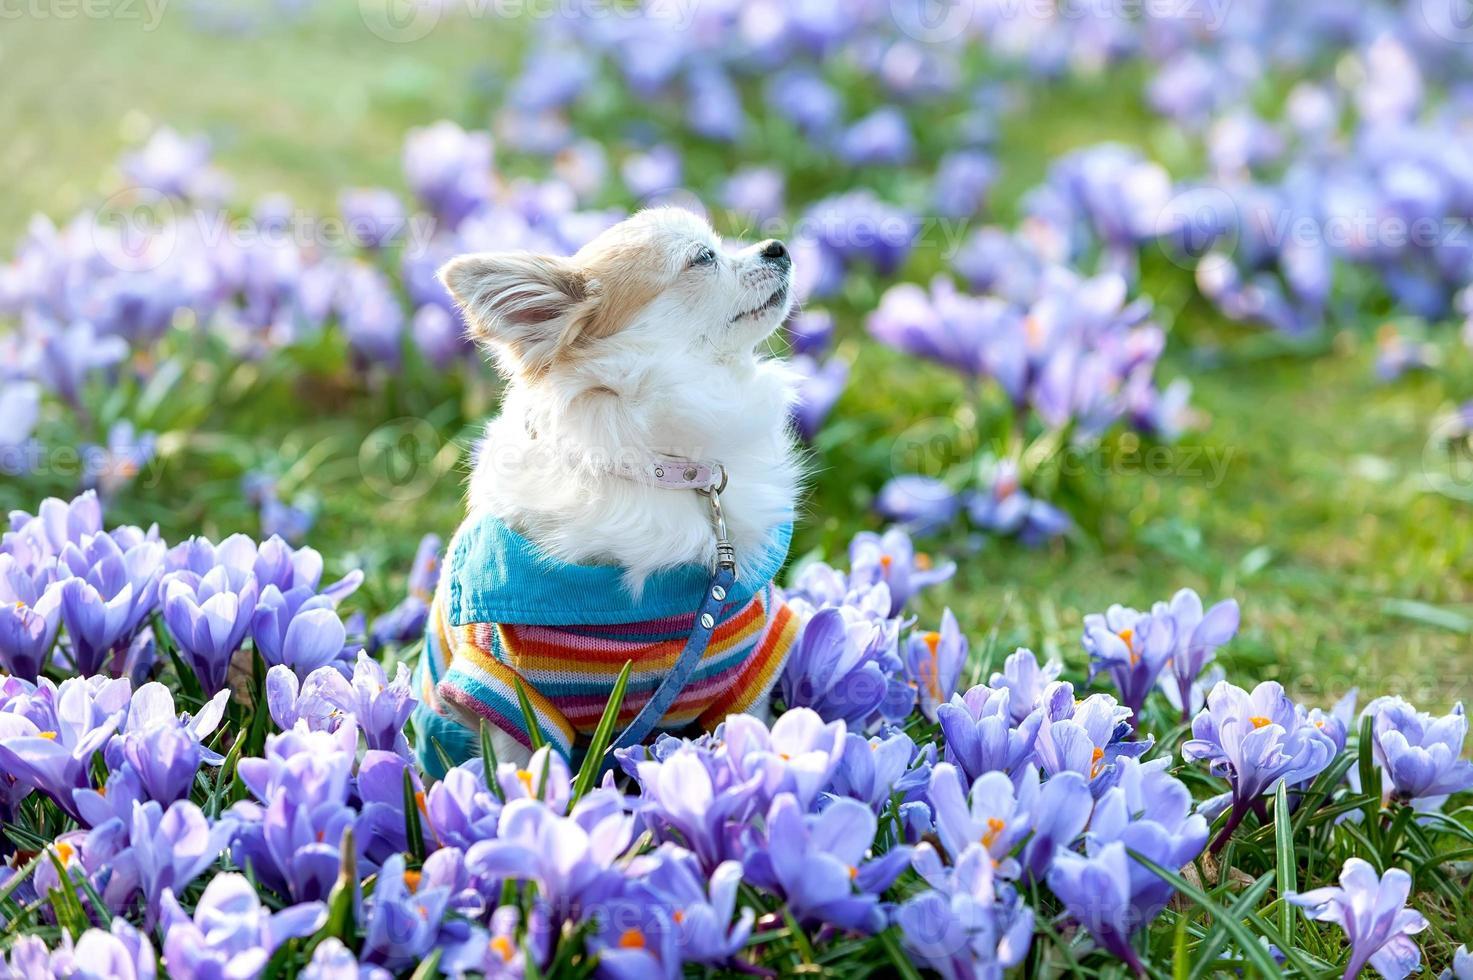 chihuahua hund drömmer bland lila krokusblommor foto